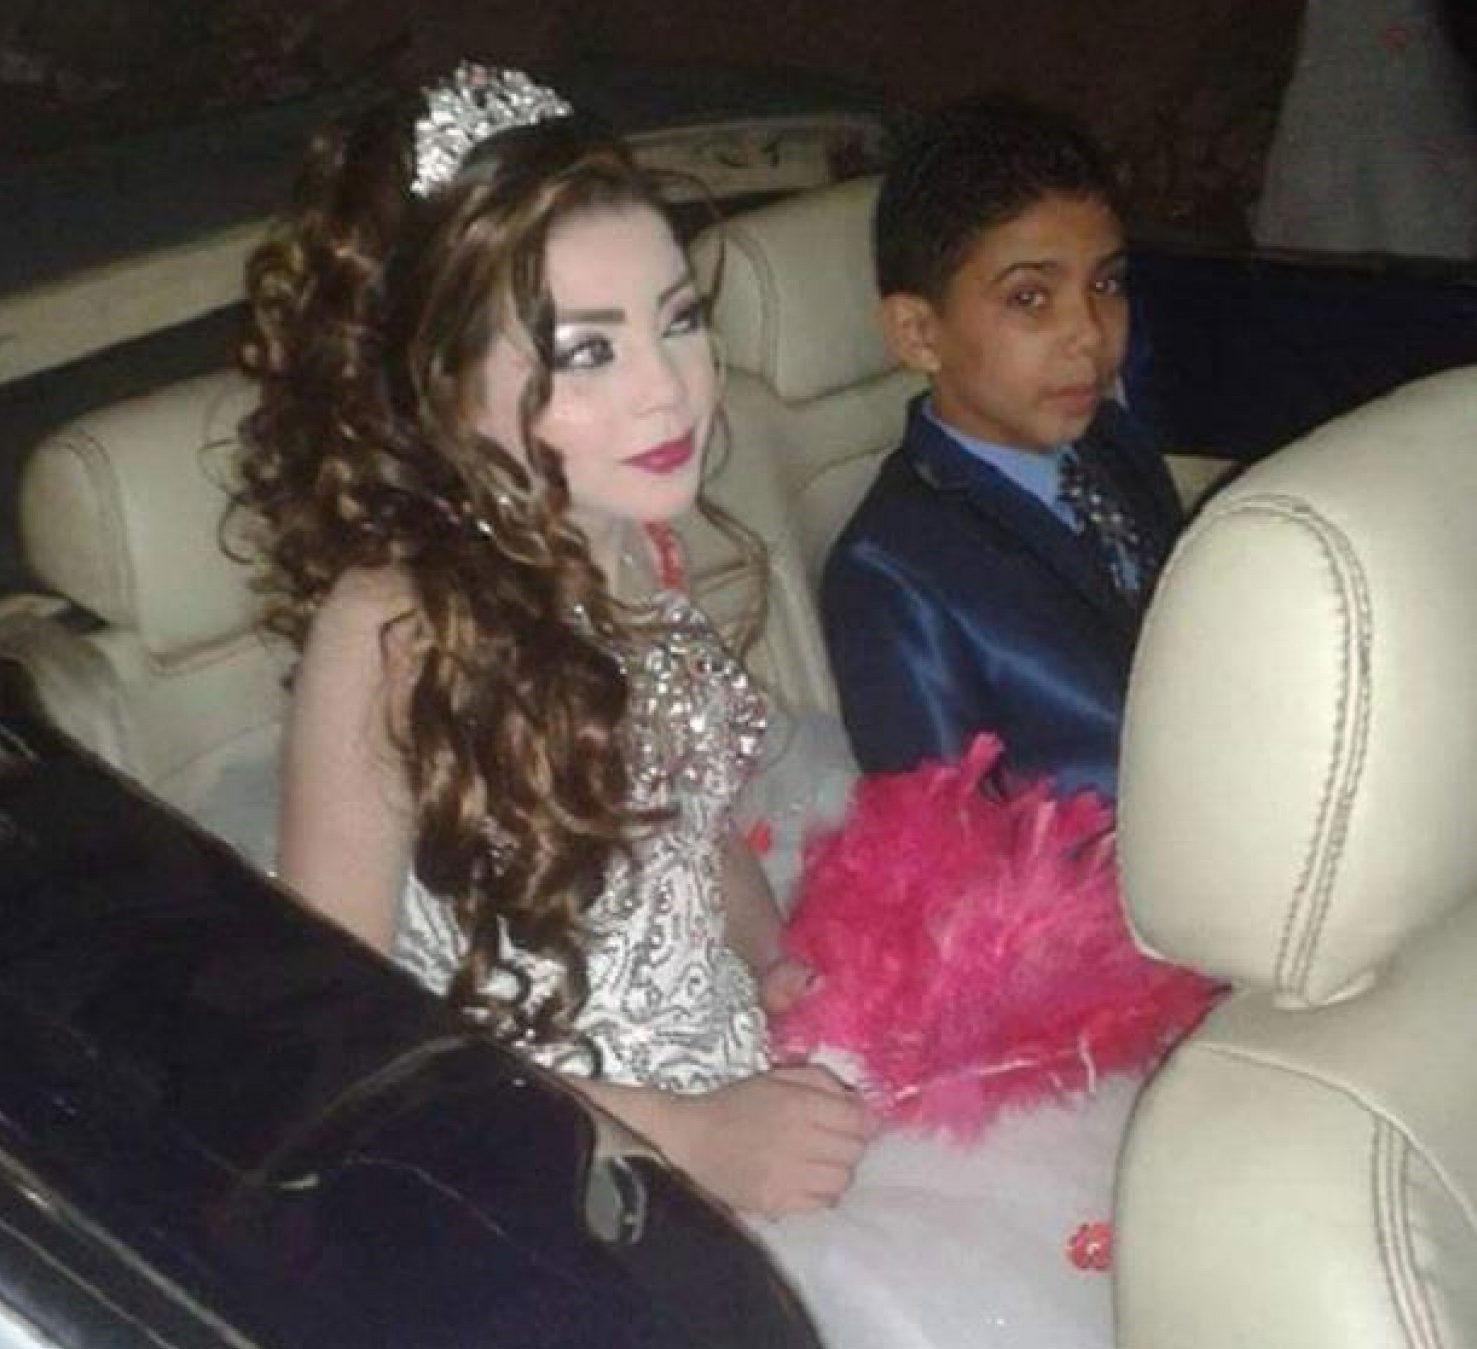 (تصویر) ازدواج پسر ۱۲ ساله با دختر ۱۱ ساله در مصر جنجالی شد